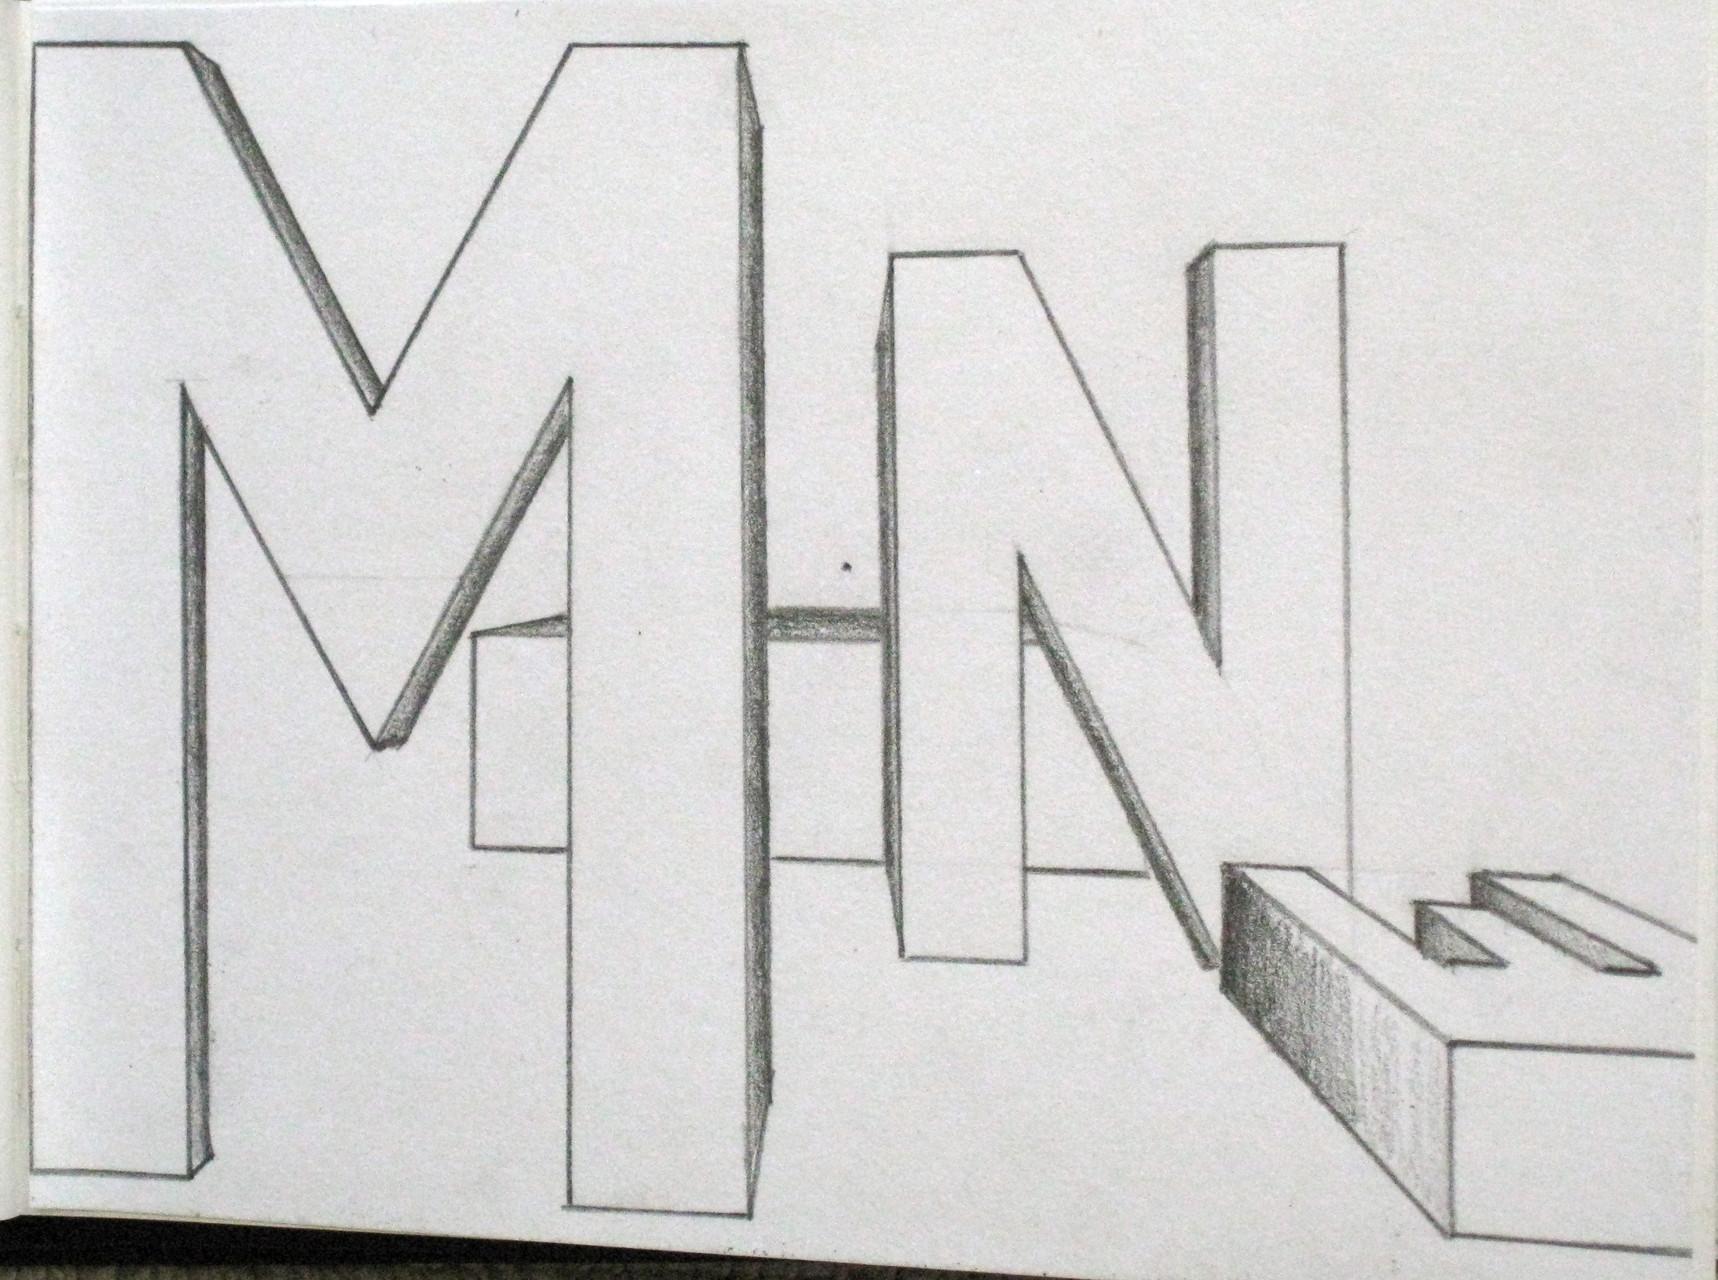 perspektivisches zeichnen anina dirnberger. Black Bedroom Furniture Sets. Home Design Ideas